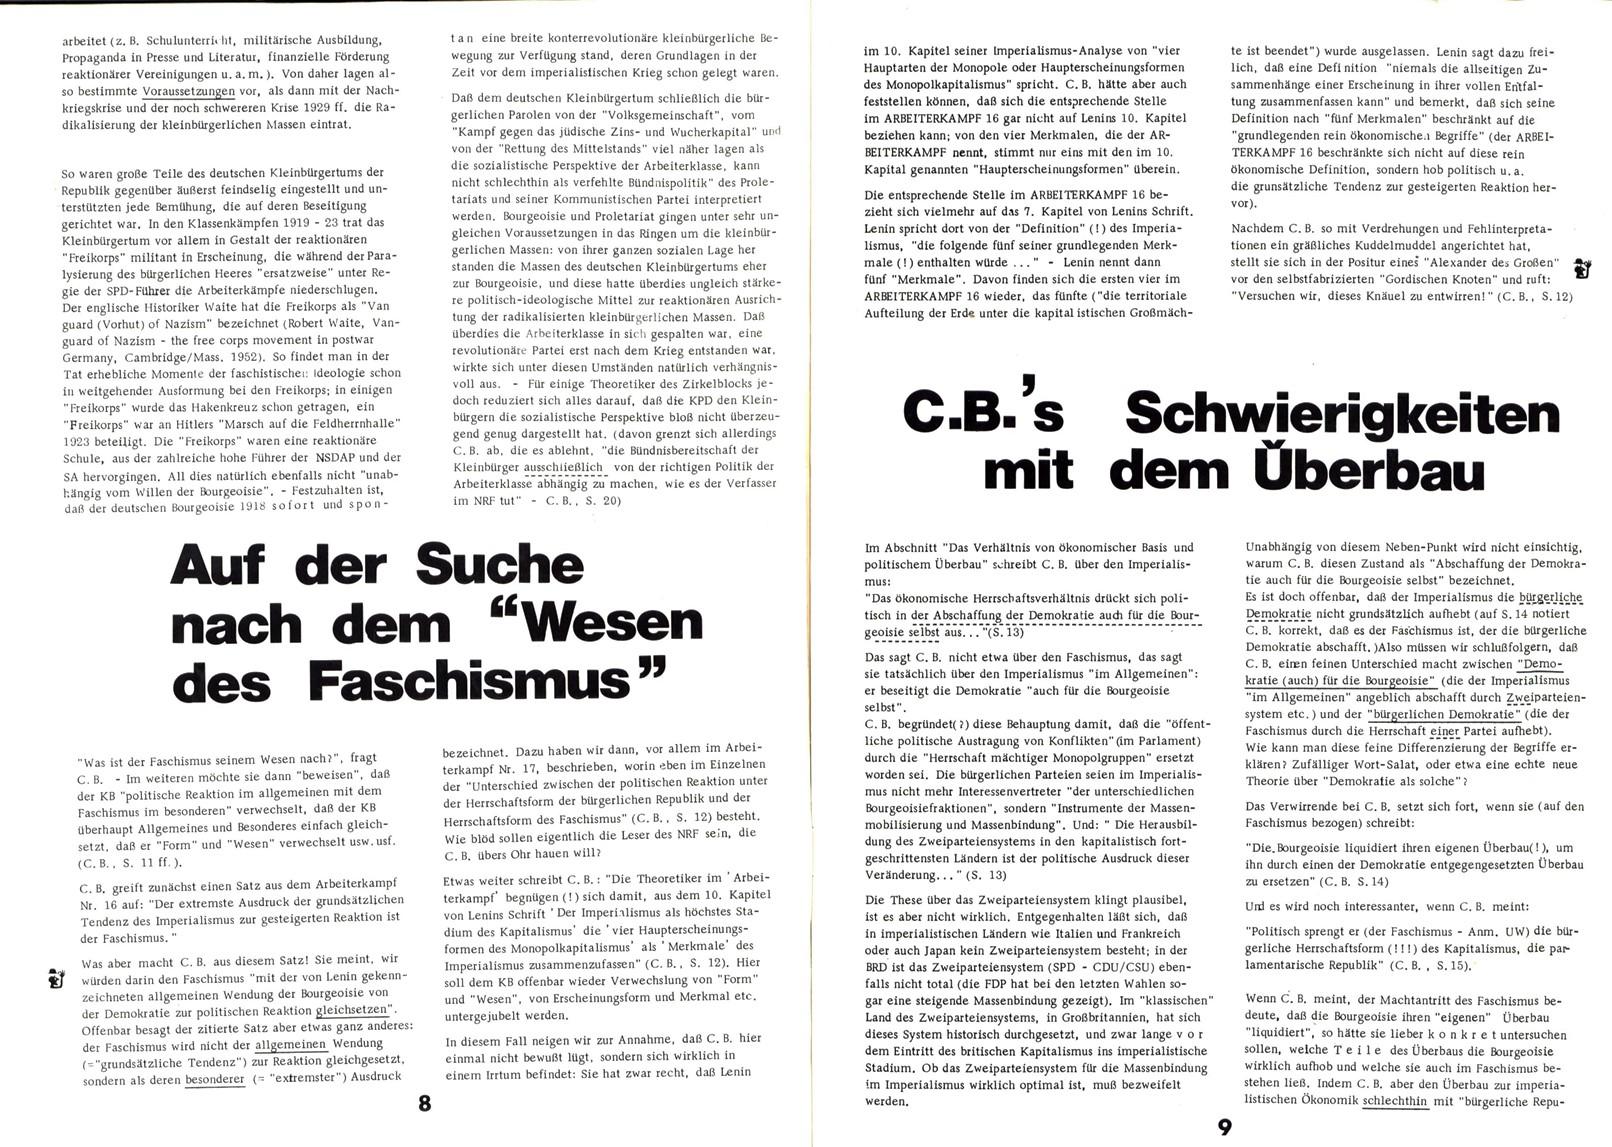 KB_Unser_Weg_1973_19_05